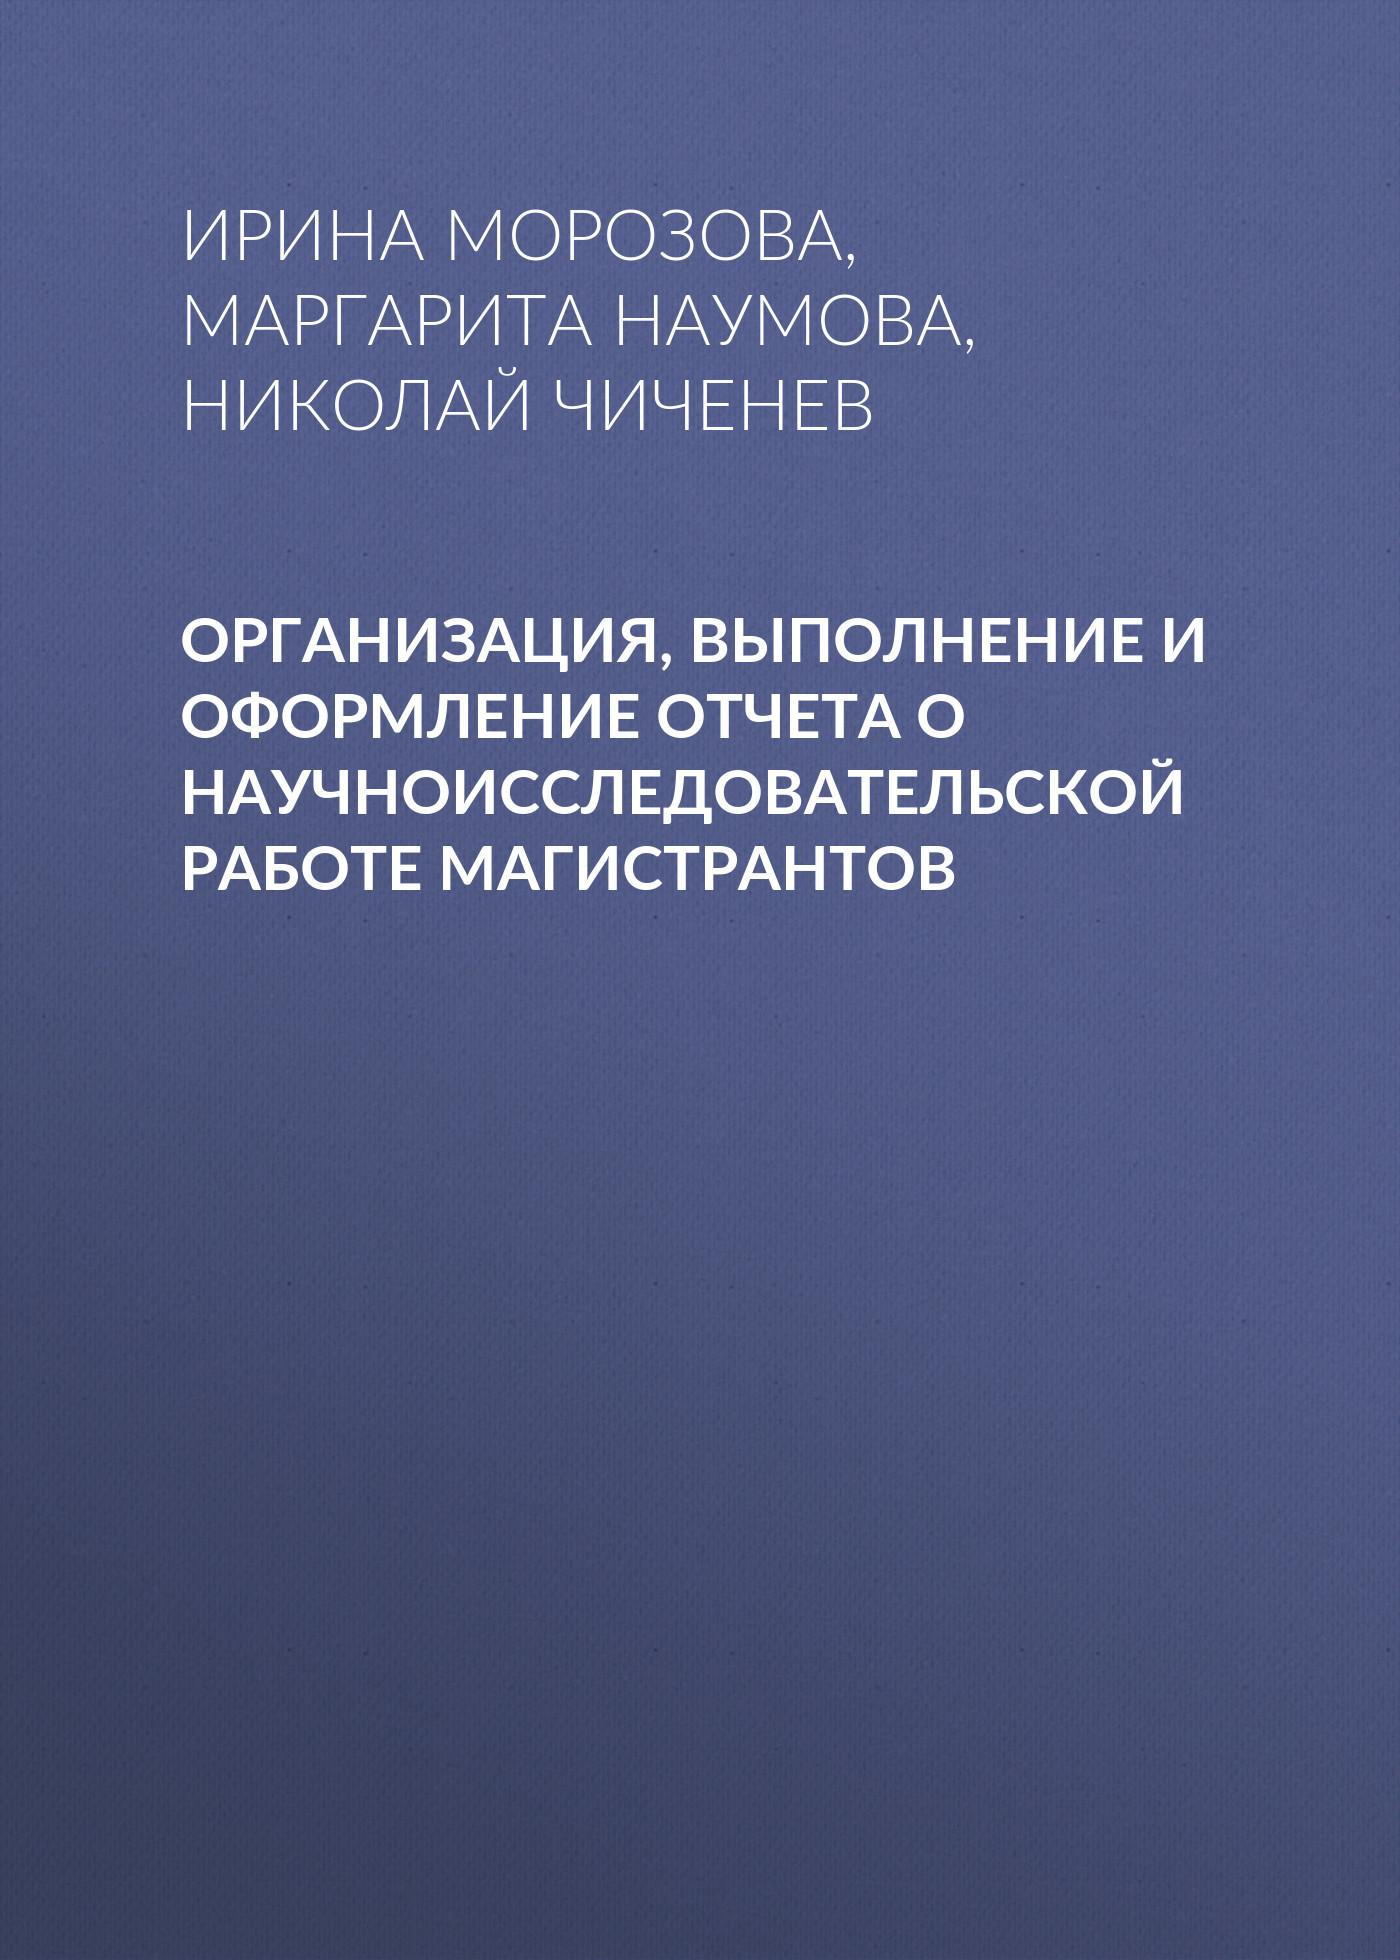 Ирина Морозова Организация, выполнение и оформление отчета о научноисследовательской работе магистрантов